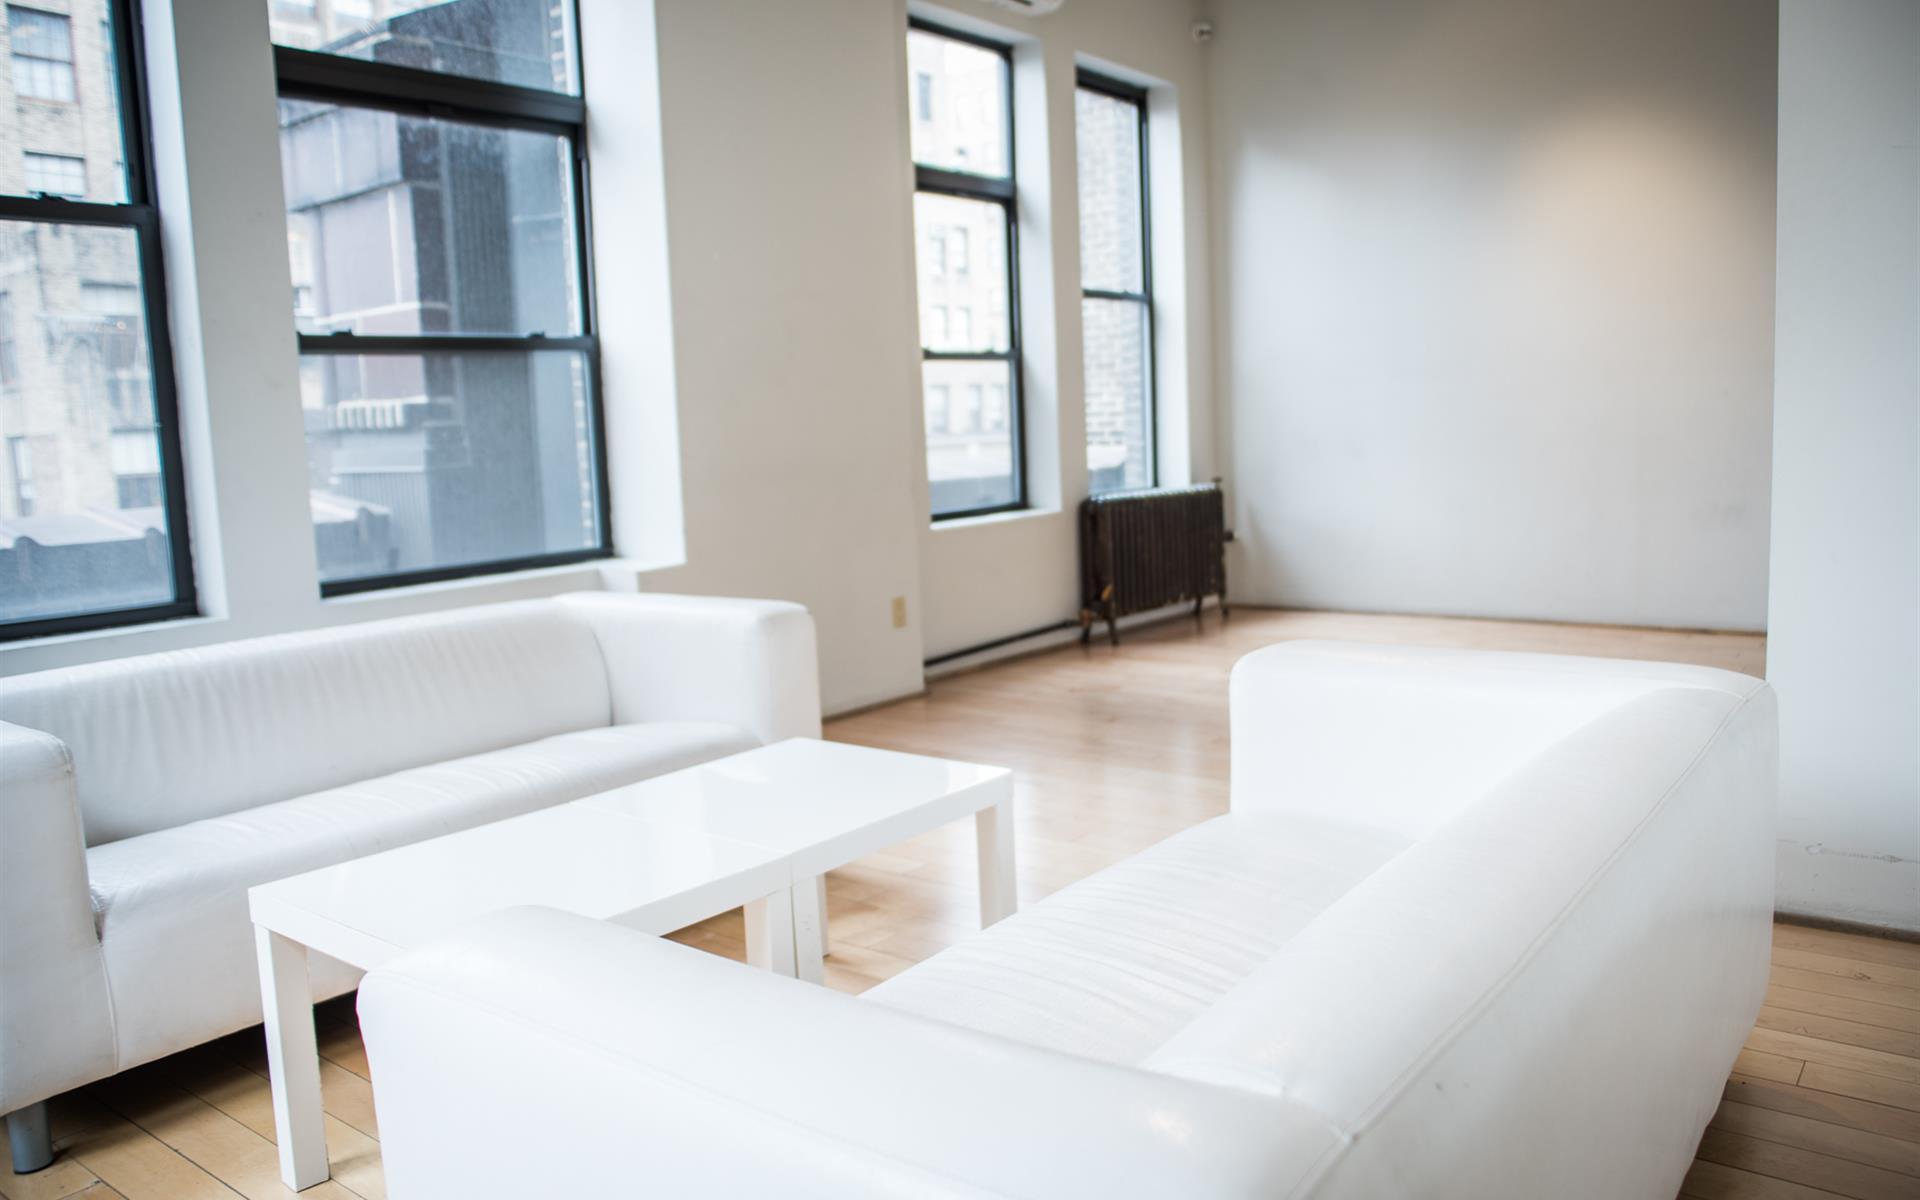 Studio Arte - Annex Room